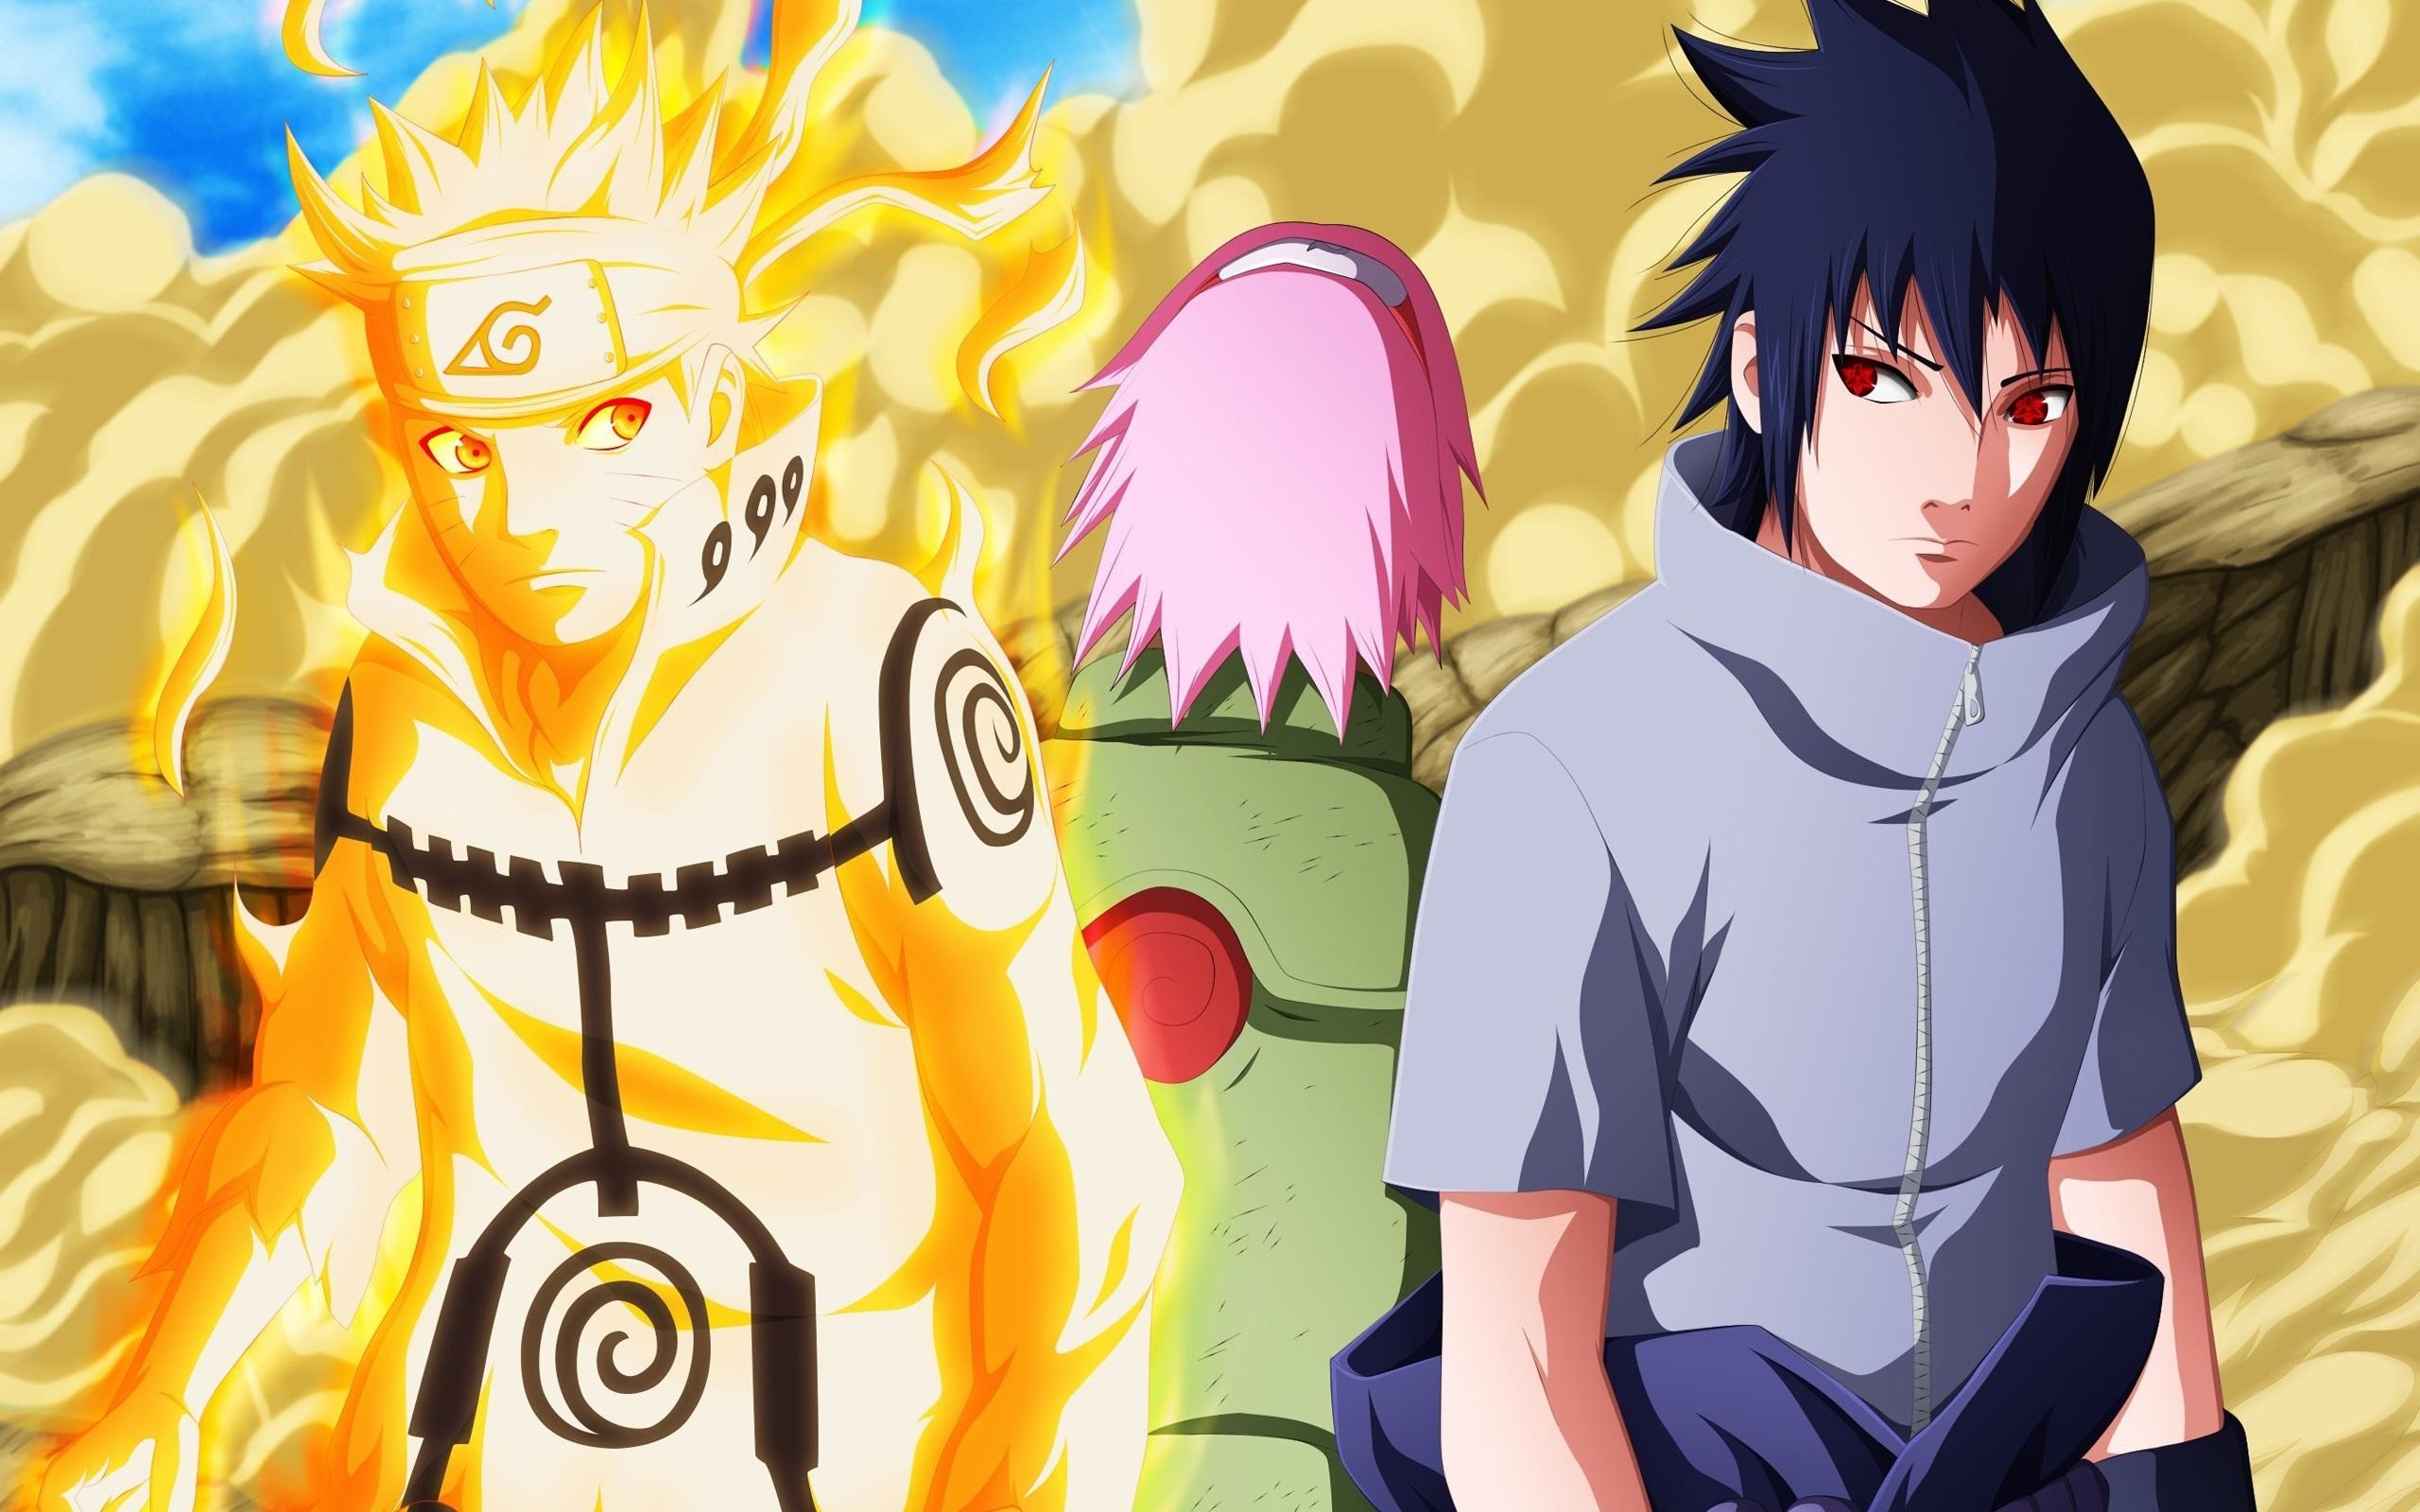 Fonds D Ecran Naruto Deux Garcons 2560x1600 Hd Image